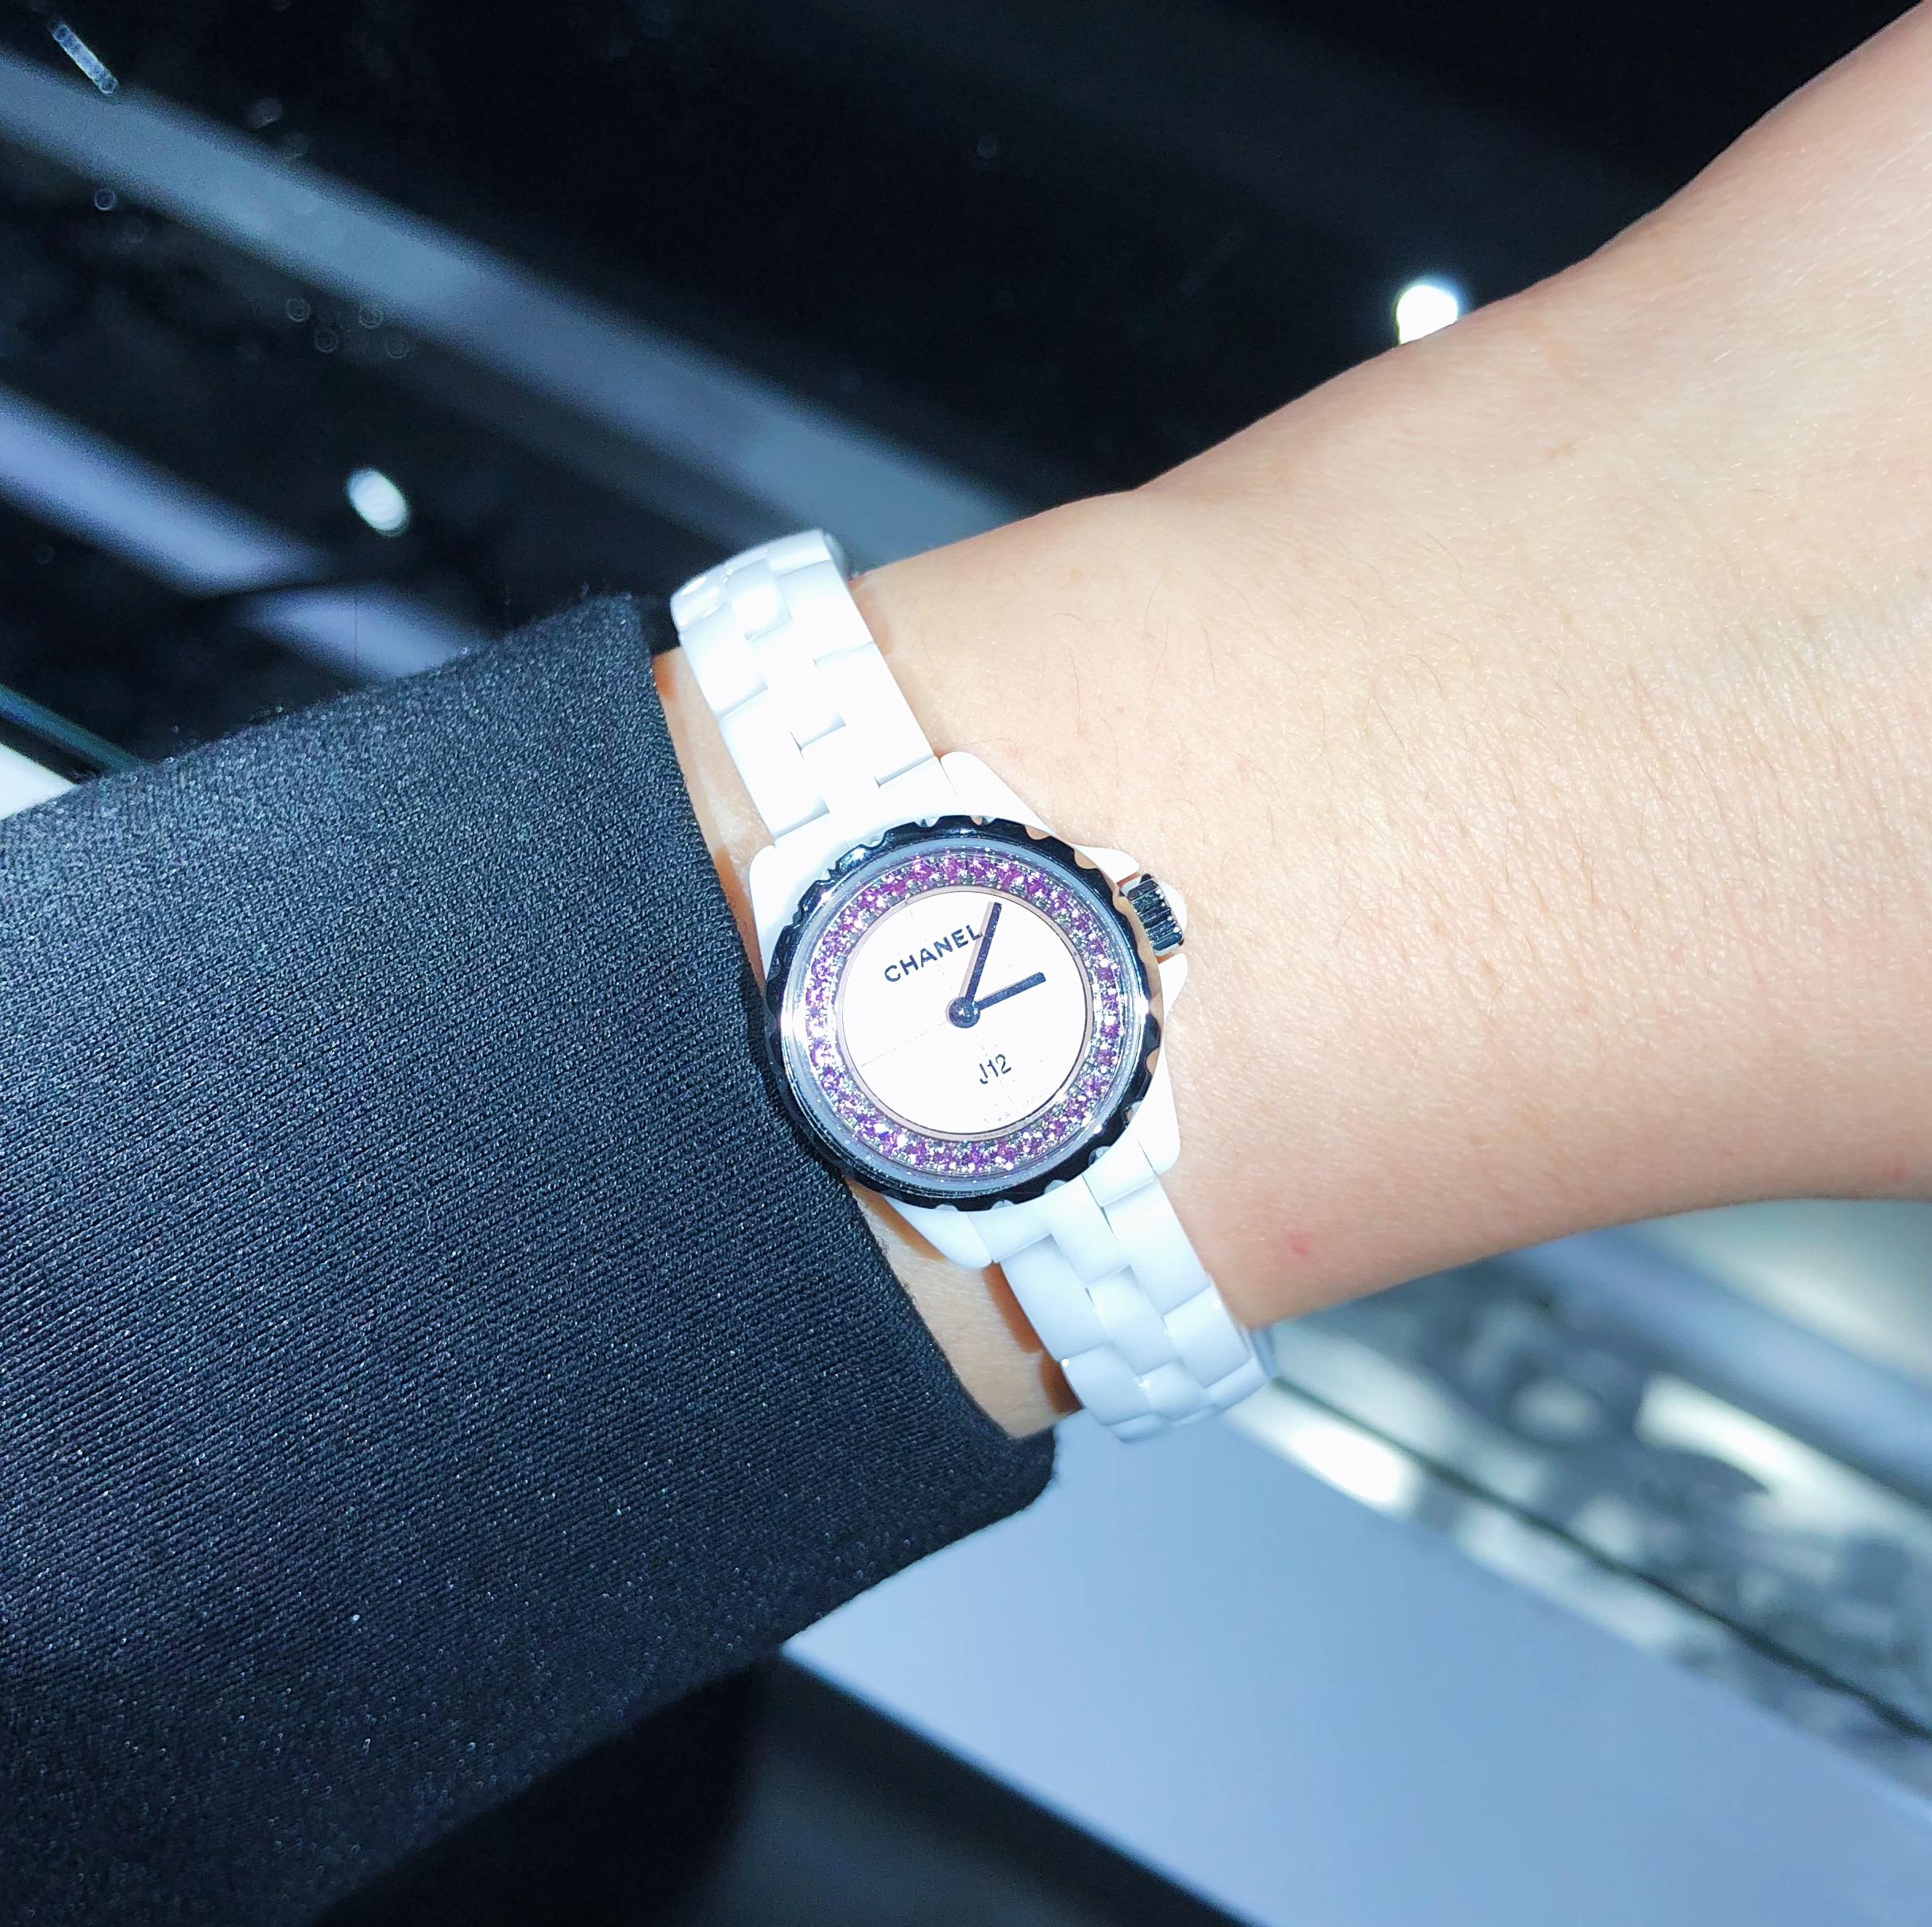 香奈儿新款腕表